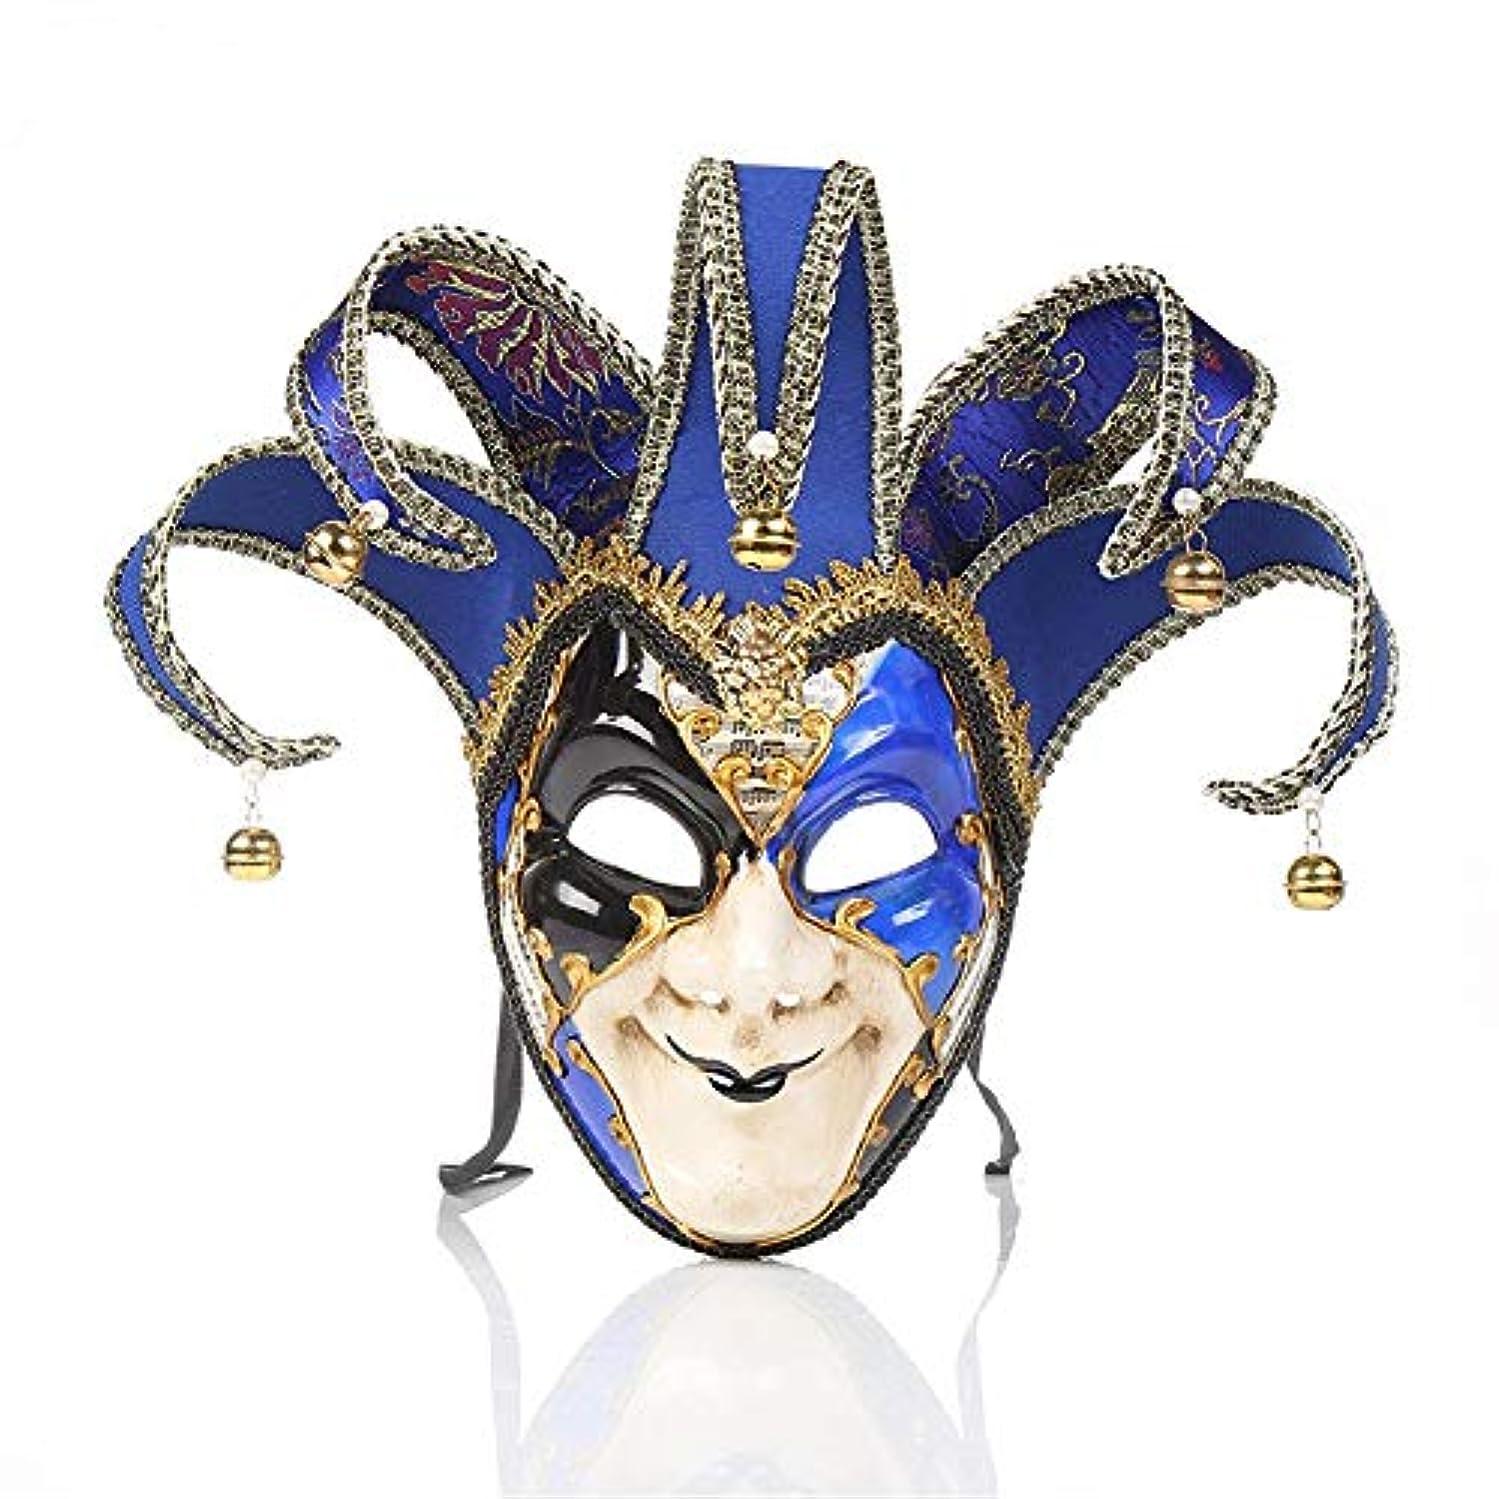 熟す補体水分ダンスマスク ピエロマスクハロウィーンパフォーマンスパフォーマンス仮面舞踏会雰囲気用品祭りロールプレイングプラスチックマスク ホリデーパーティー用品 (色 : 青, サイズ : 39x33cm)